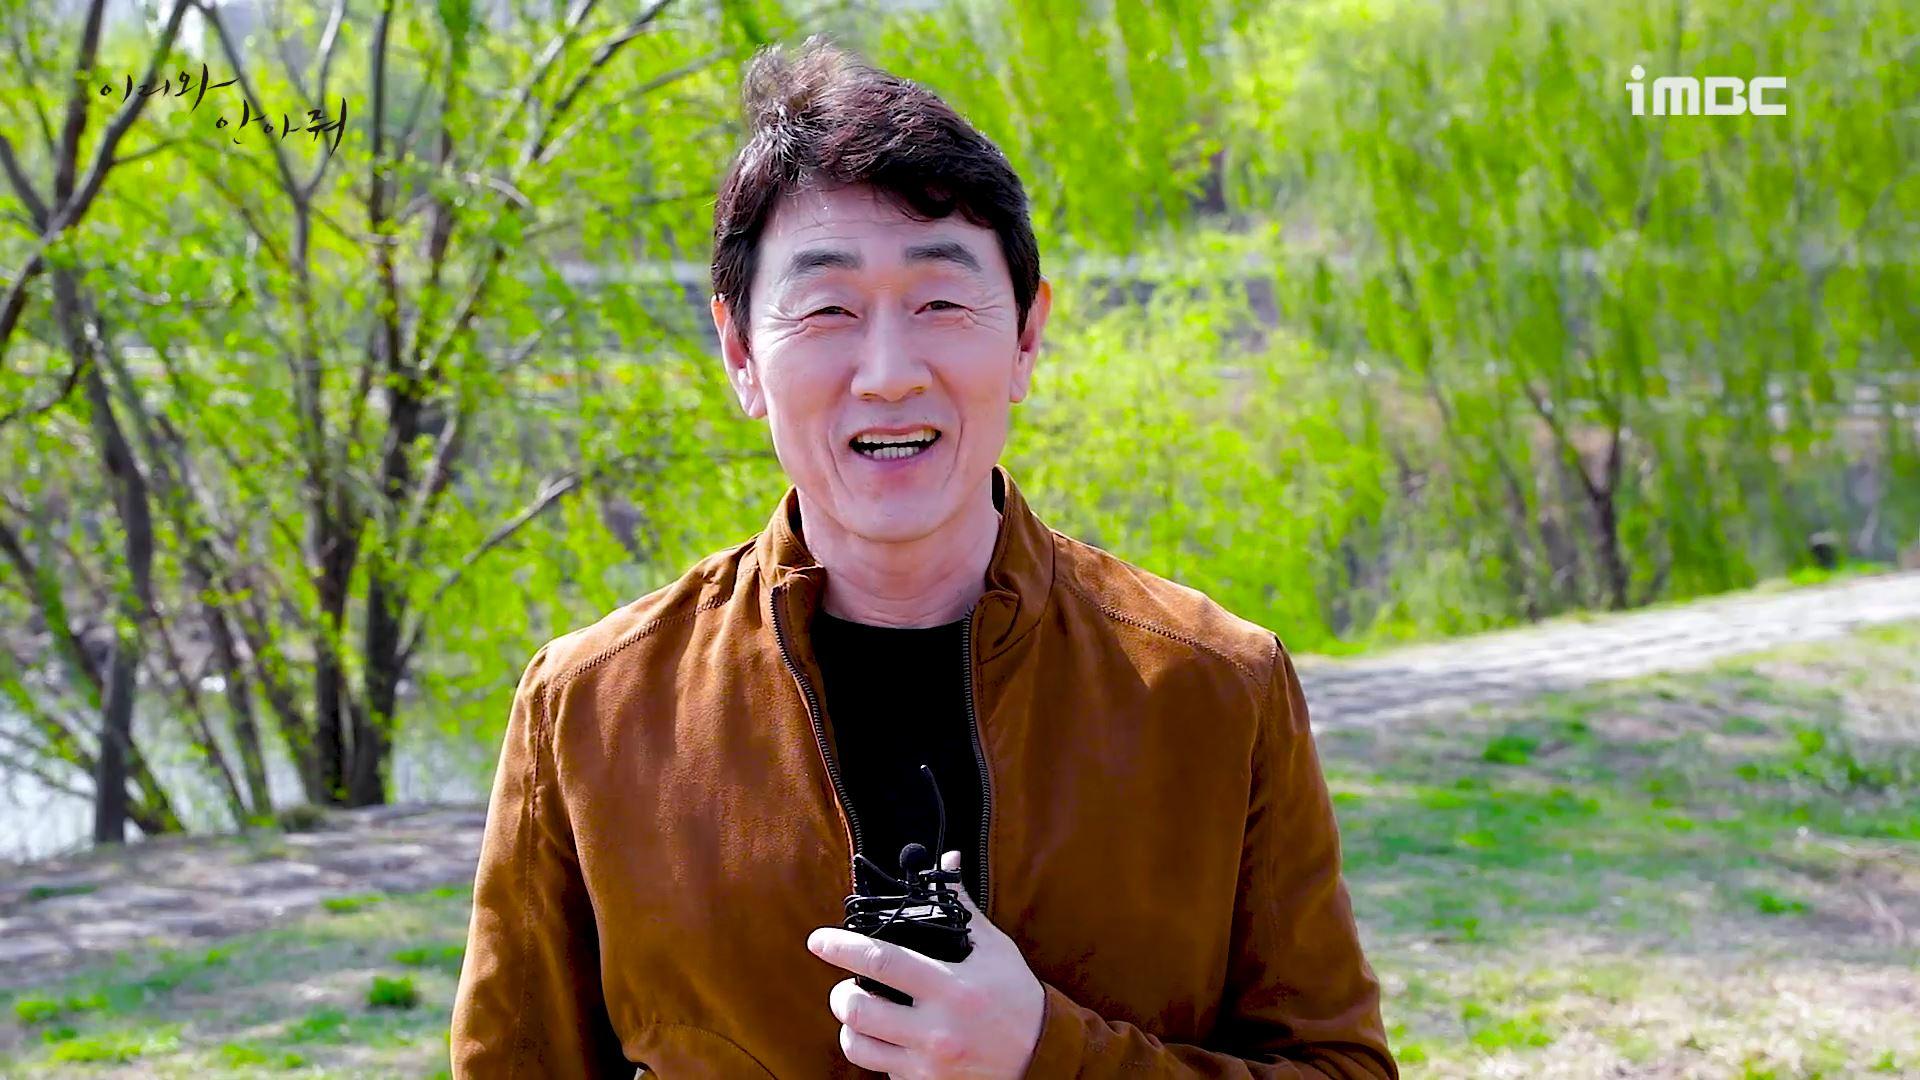 """[첫터뷰] '이리와 안아줘' 허준호, """"캐릭터 소개는 하지 않겠다"""" 파격 선언"""